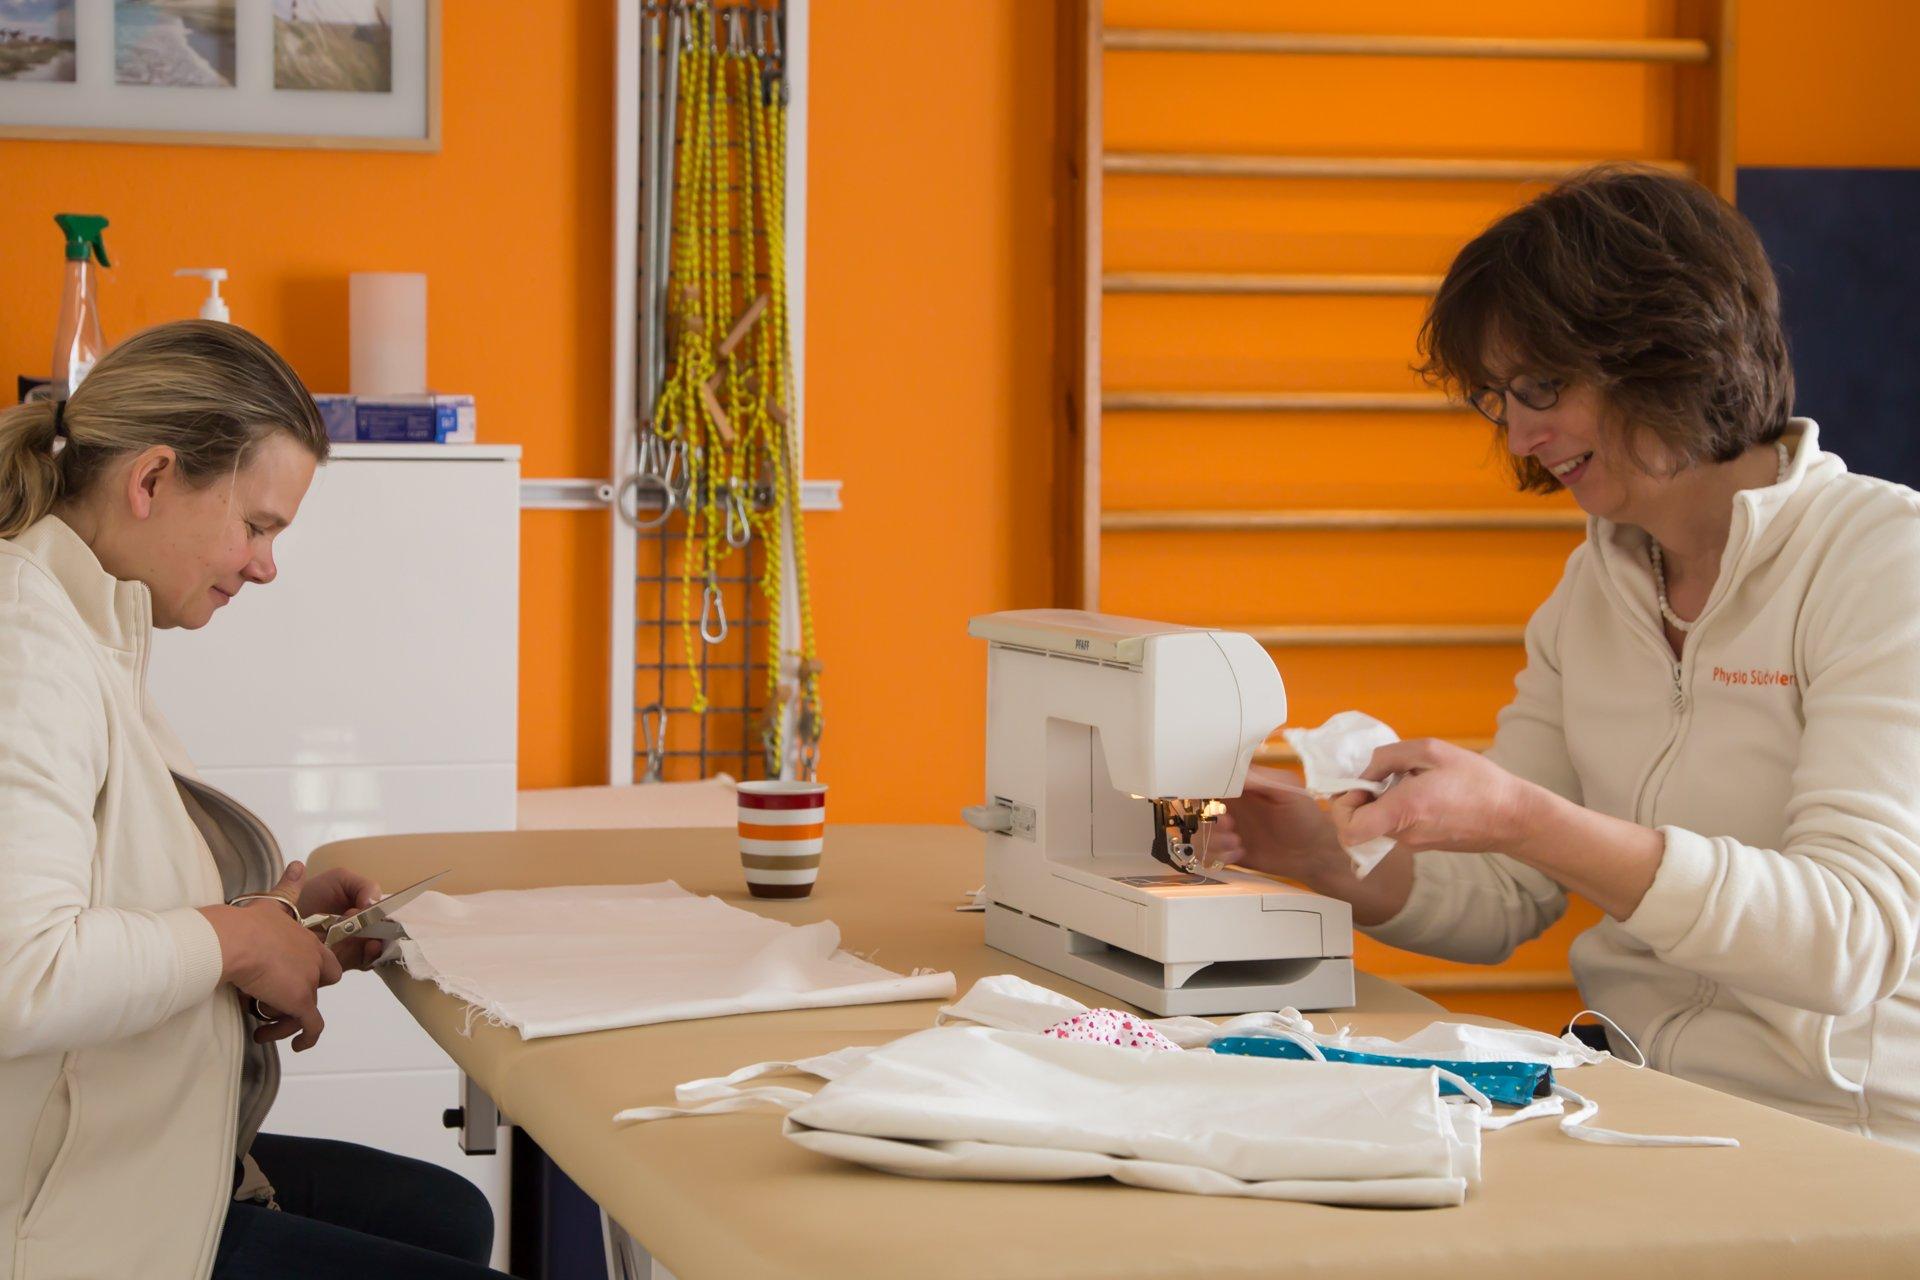 Aus der Not eine Tugend gemacht: Atemmasken werden im Team von Sandra Okafor (li) und Uta Kleinekampmann selber genäht - Foto: Anna Bless